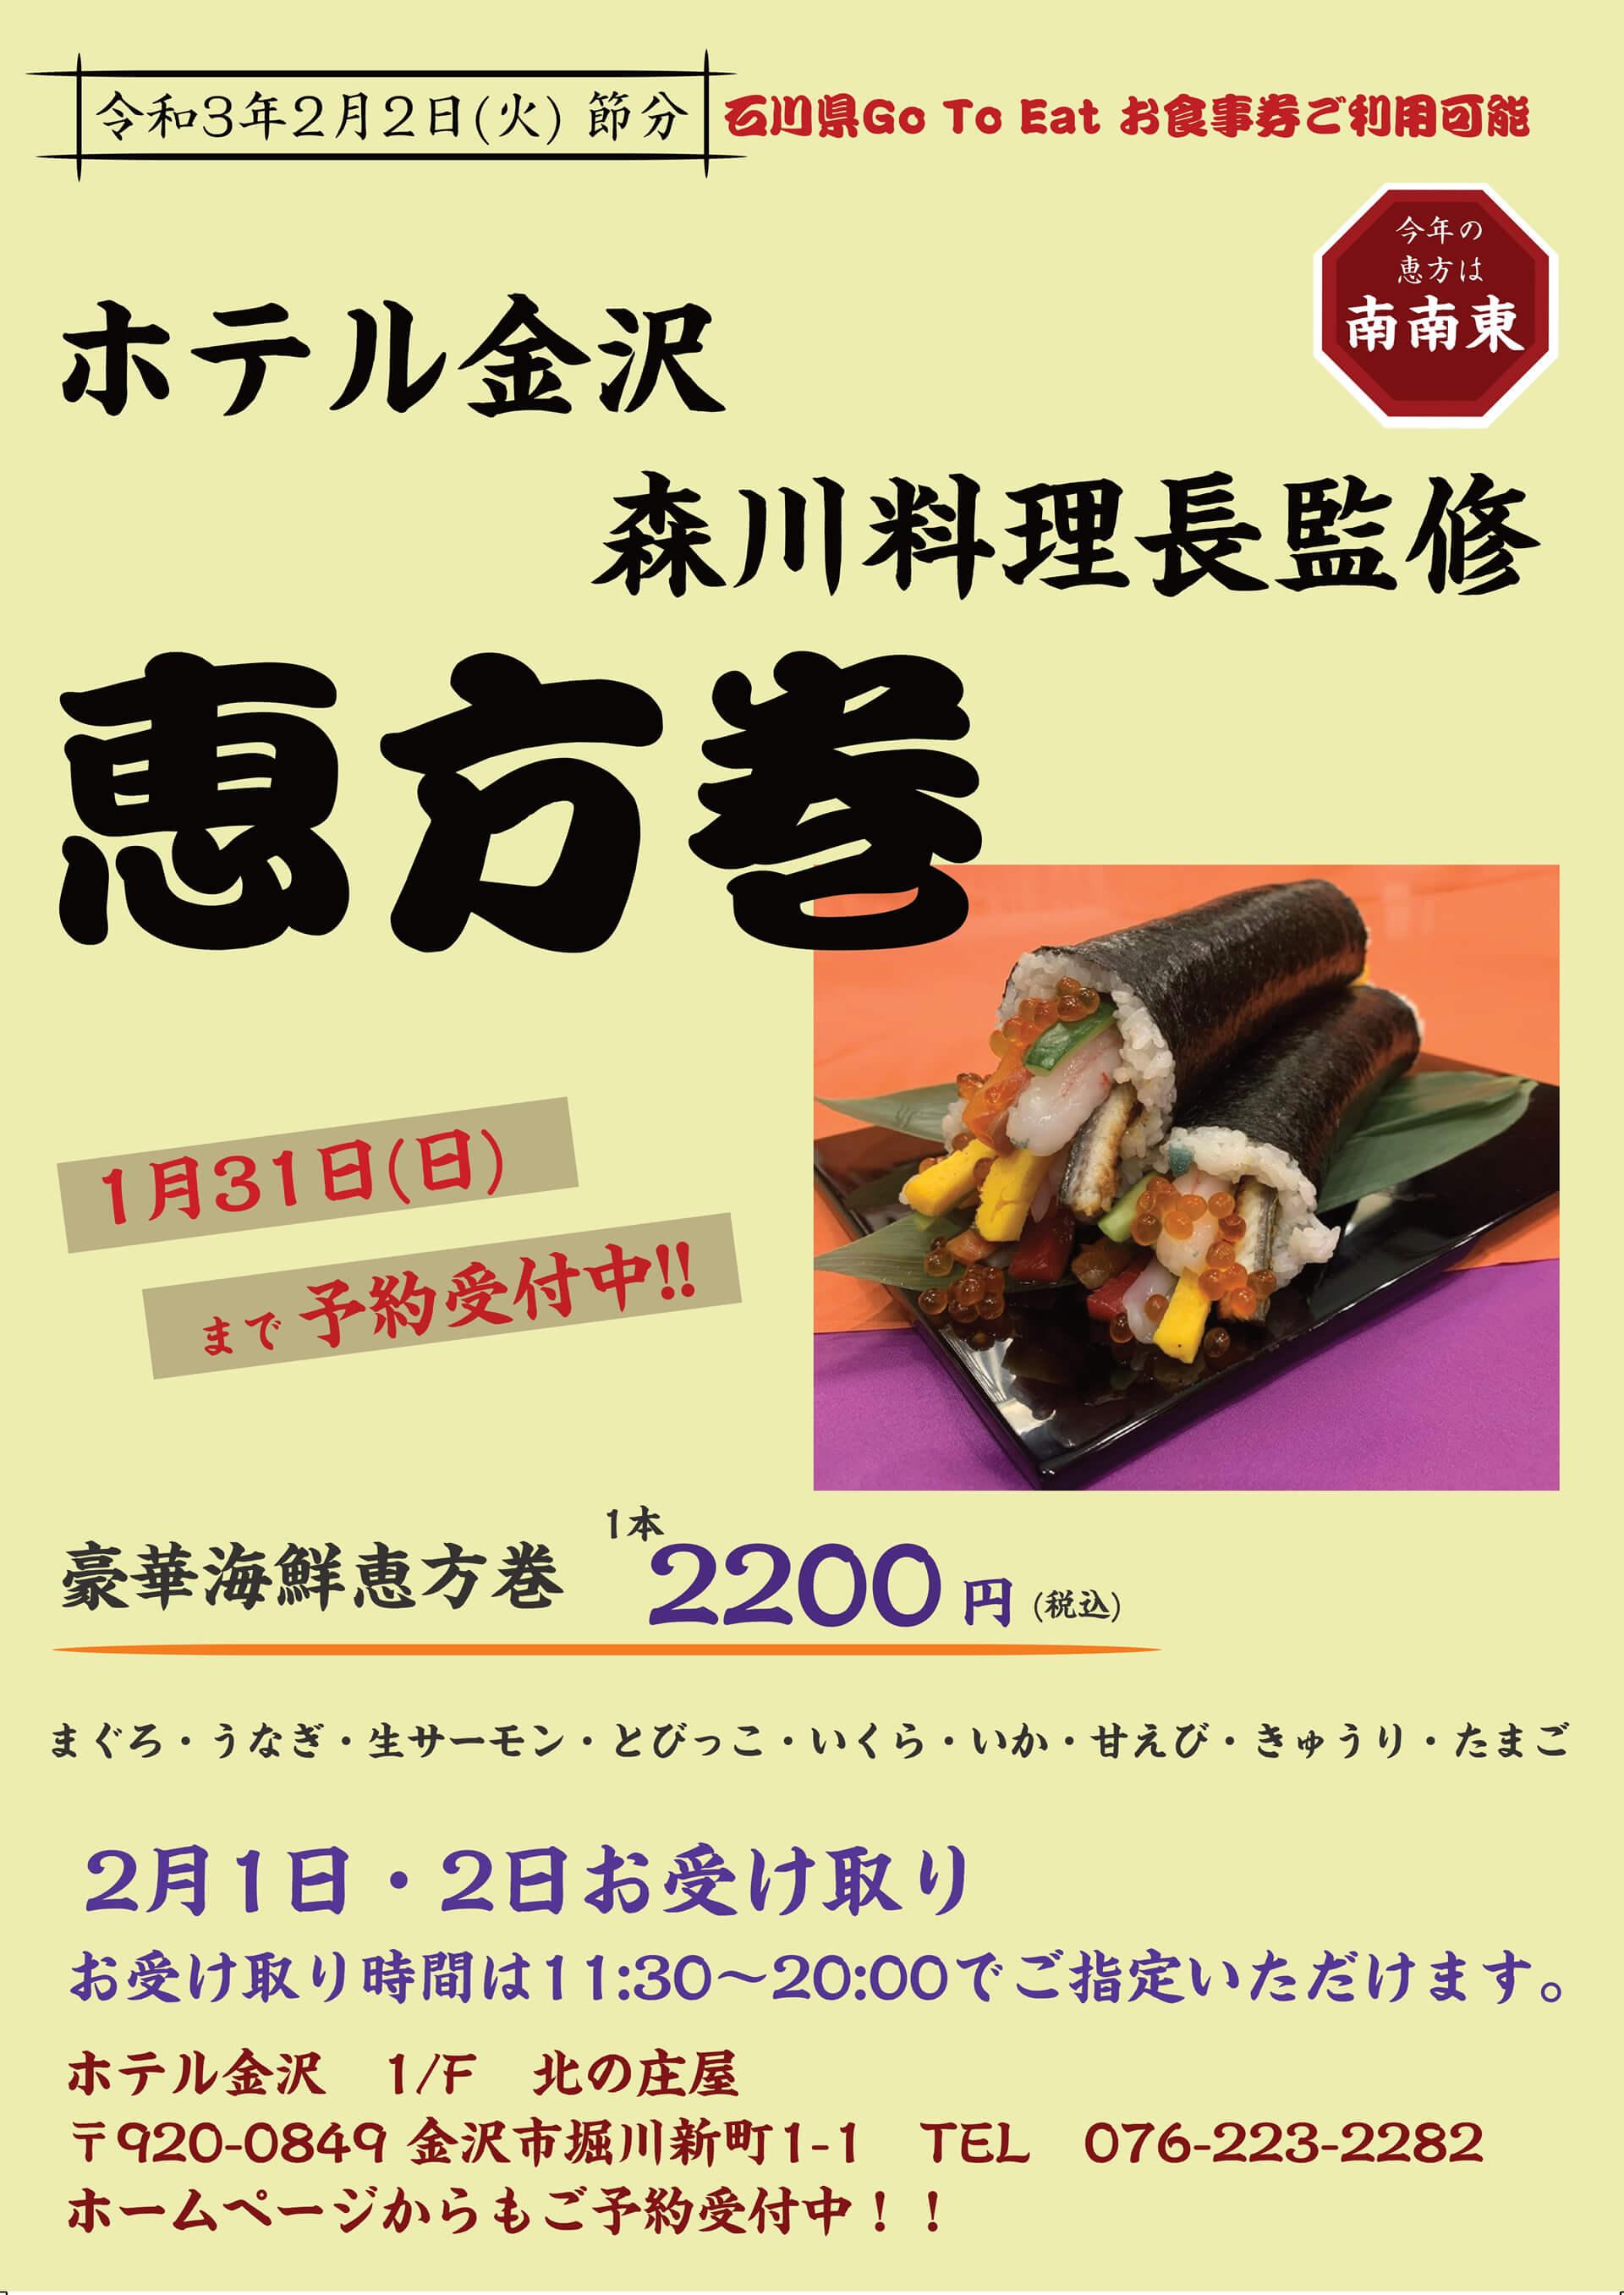 ホテル金沢 森川料理長監修 恵方巻 ご予約受付中!